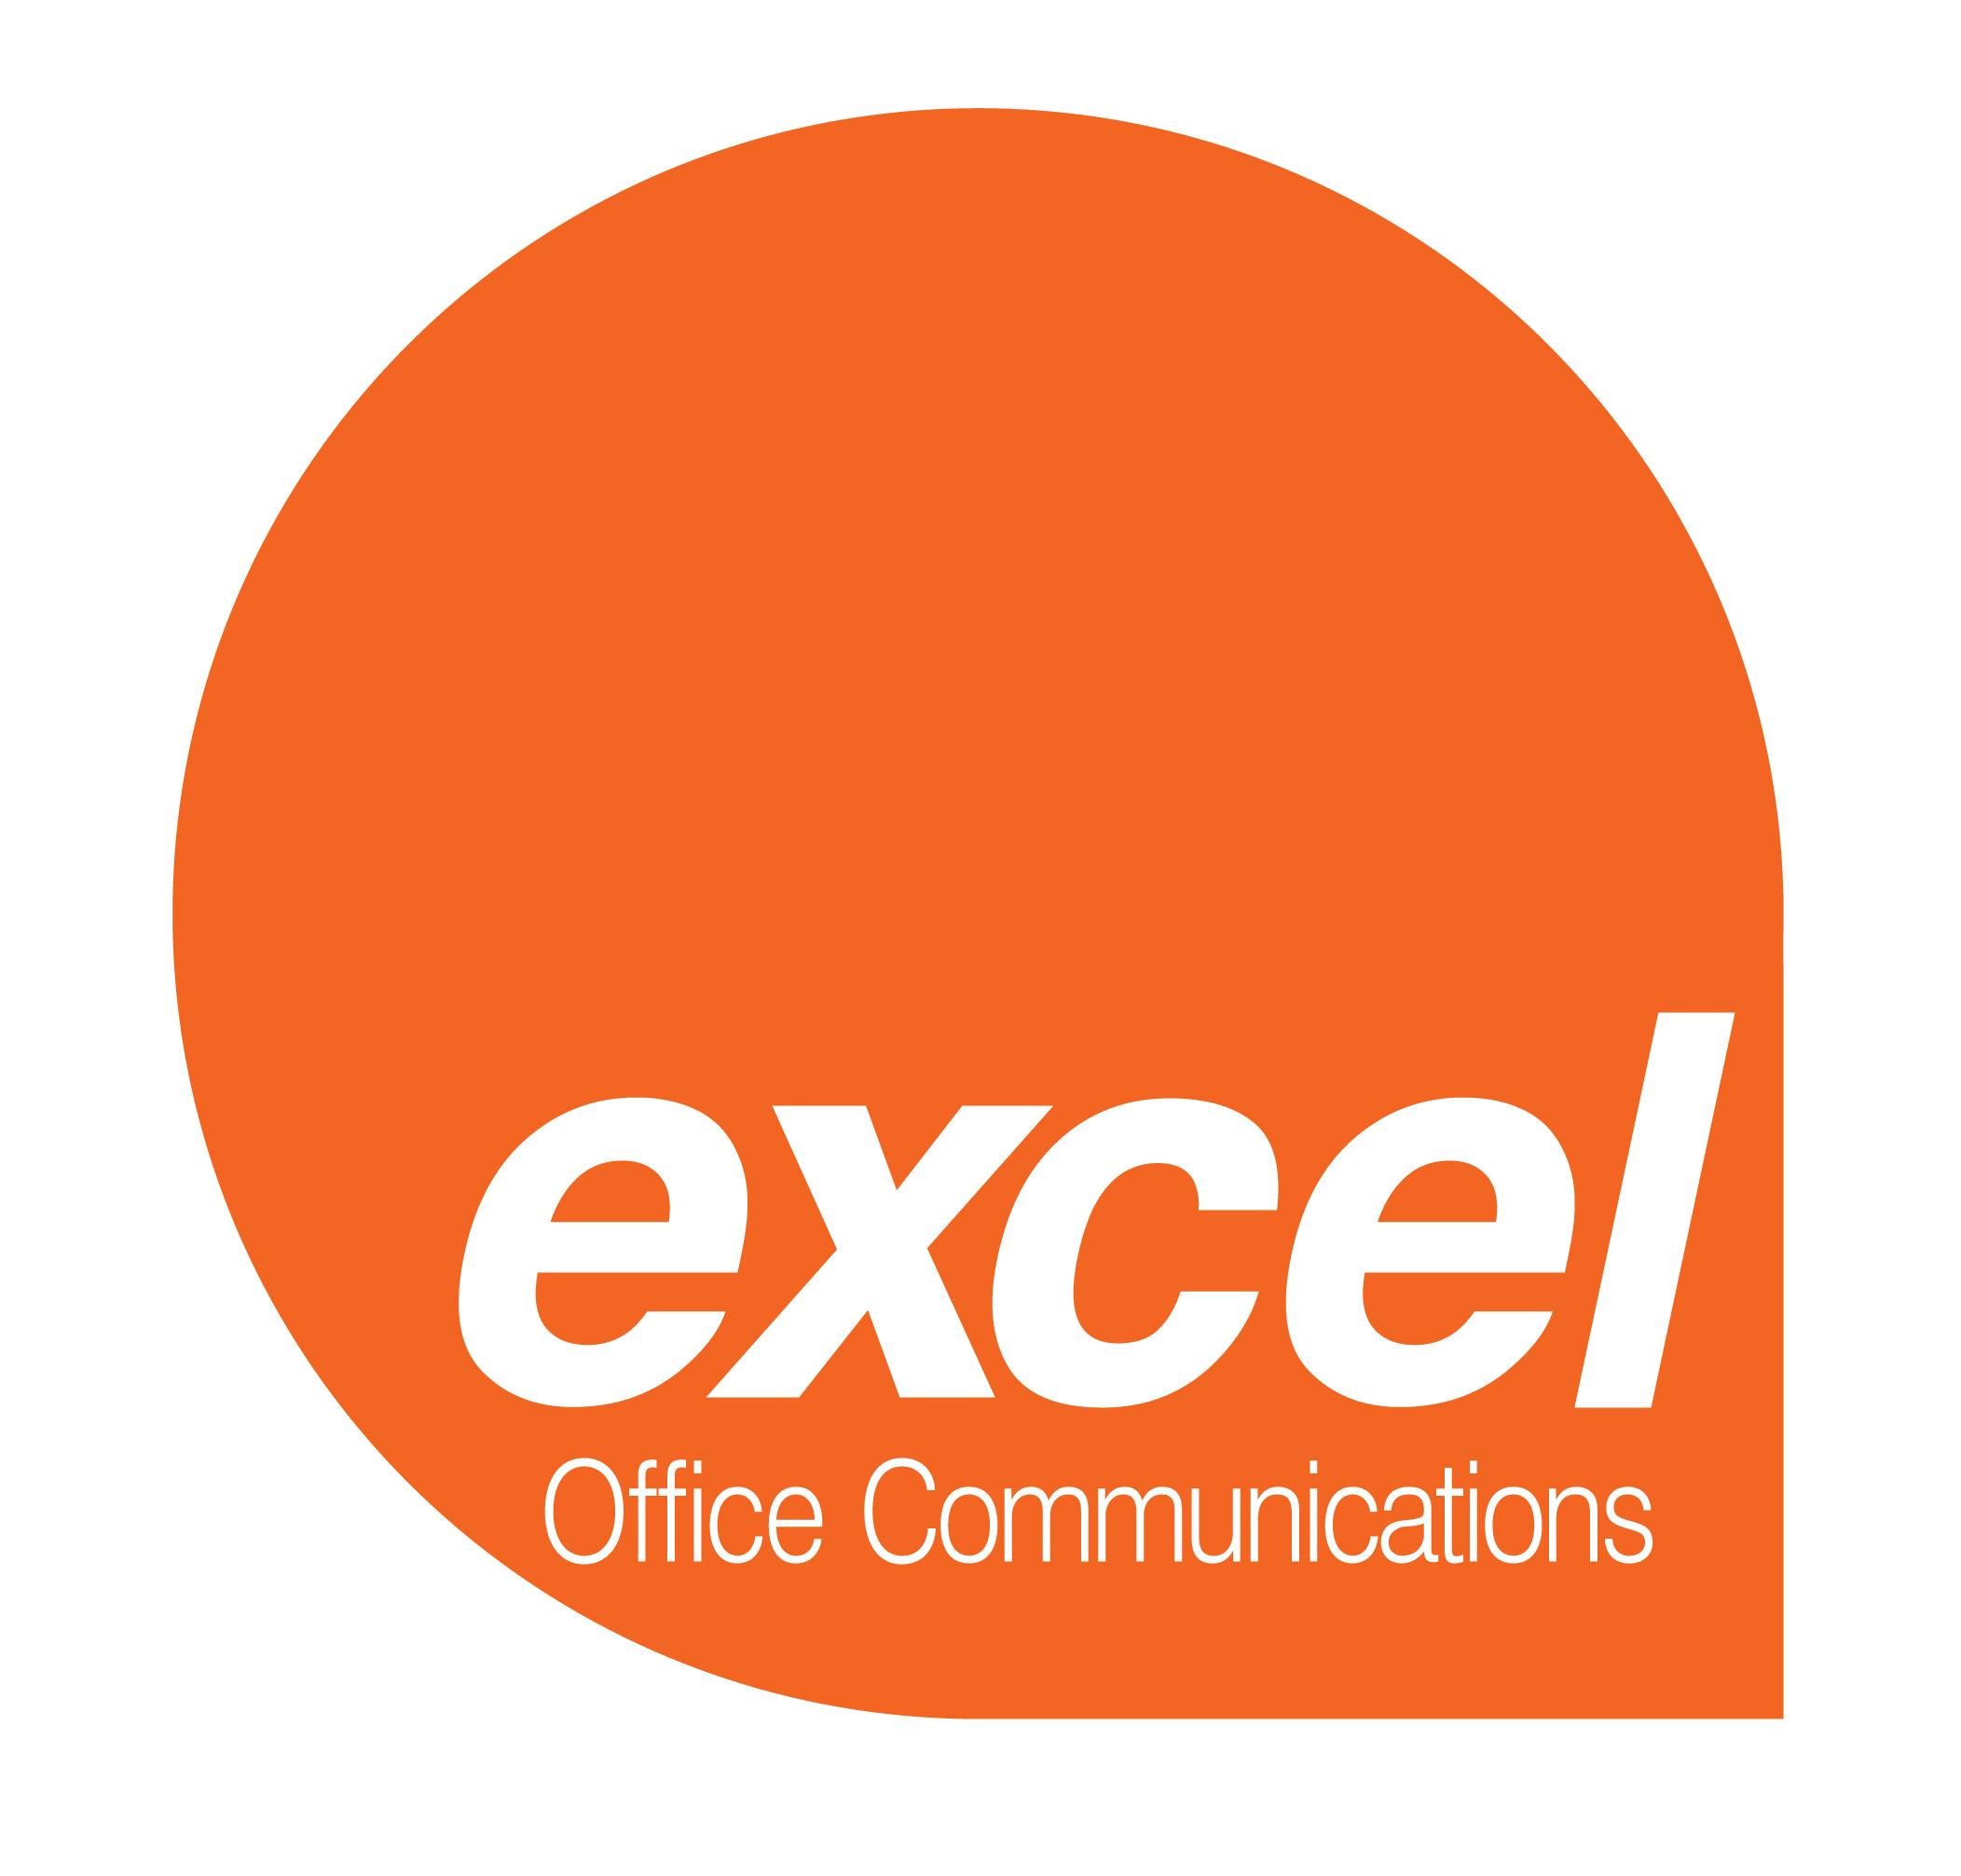 excel OC logo